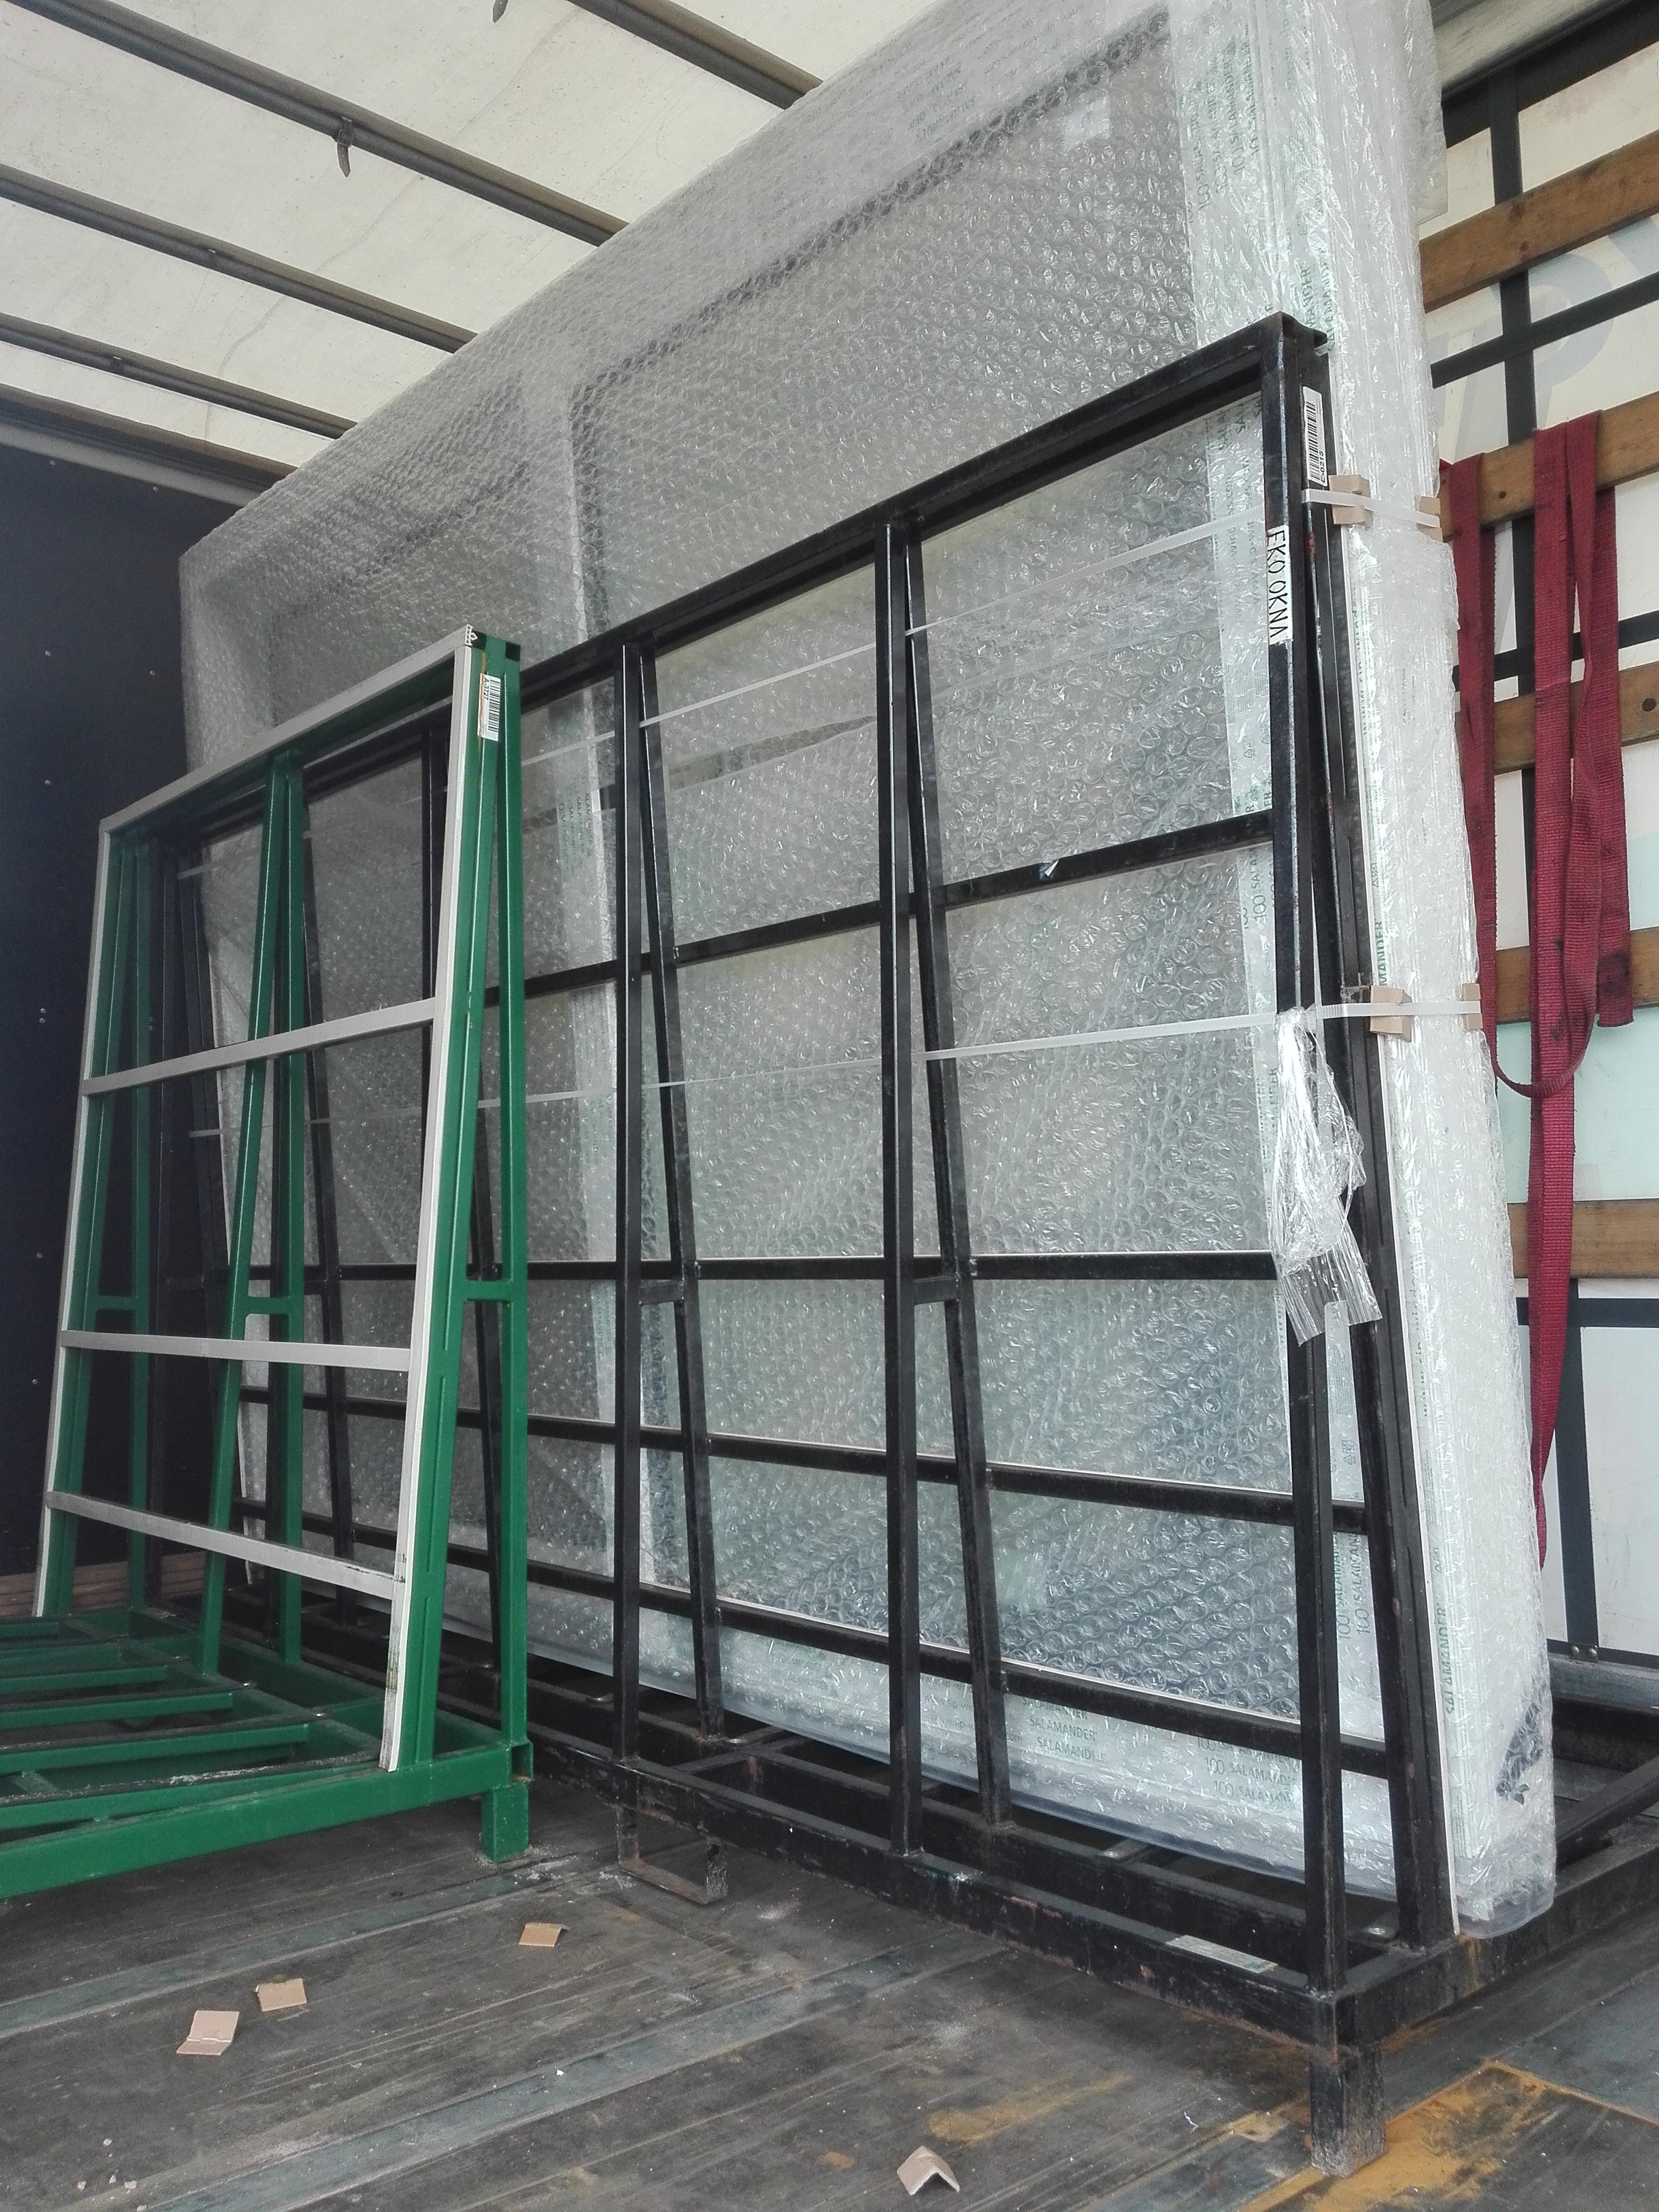 Individuelle Fenster und Türen